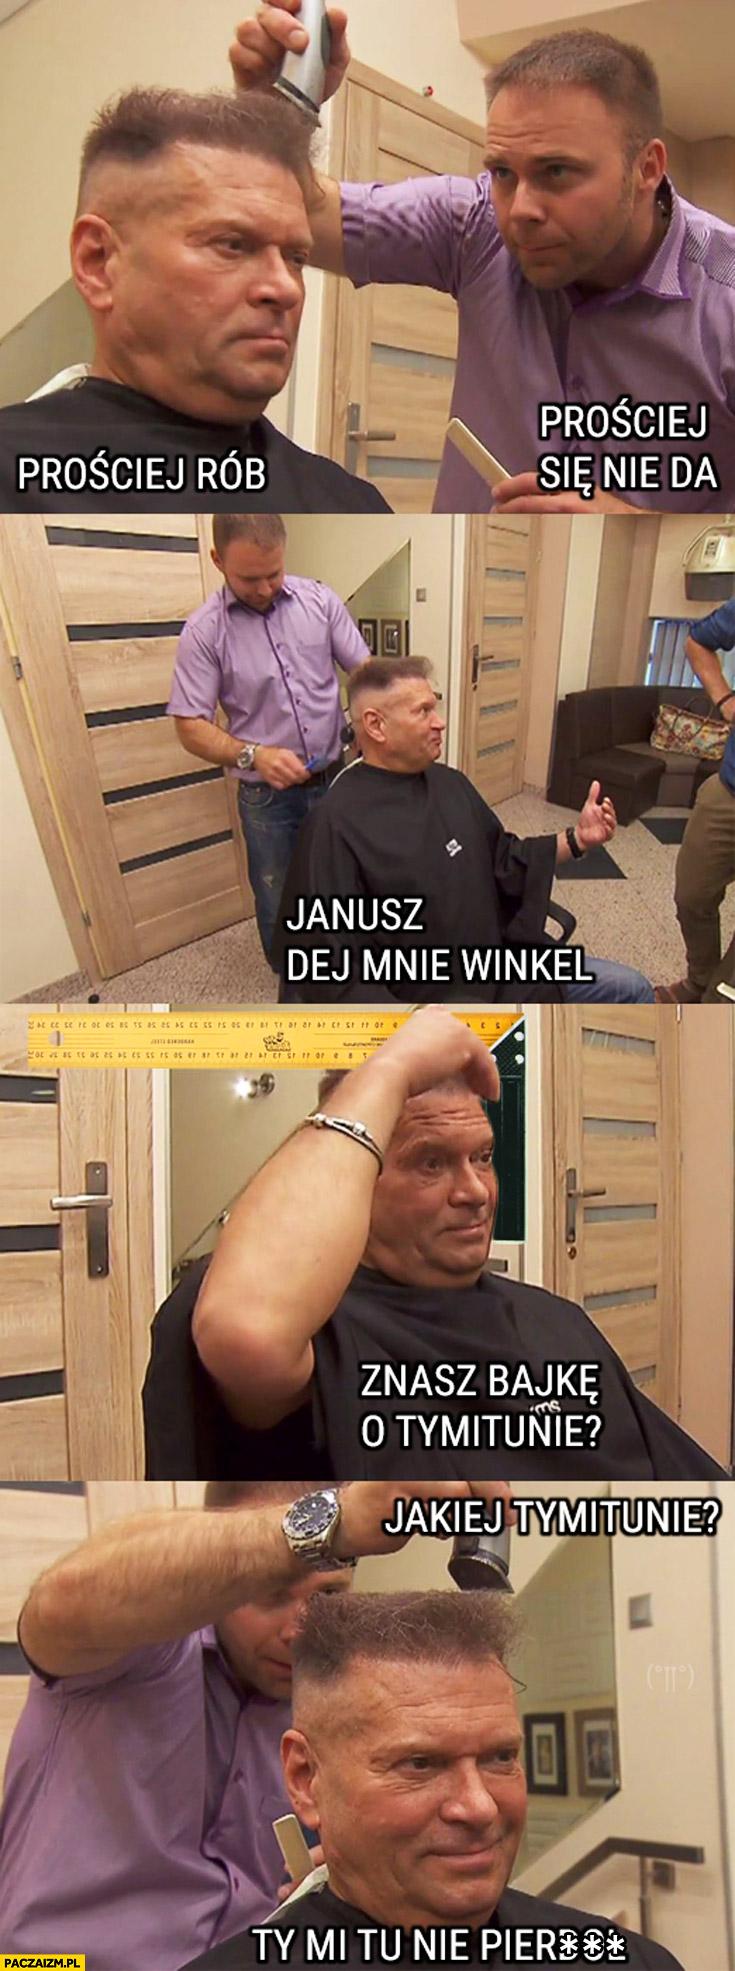 Prościej rób, prościej się nie da, Janusz dej mnie ten winkiel, znasz bajkę o tymitunie? Ty mi tu nie pierdziel. Rutkowski u fryzjera